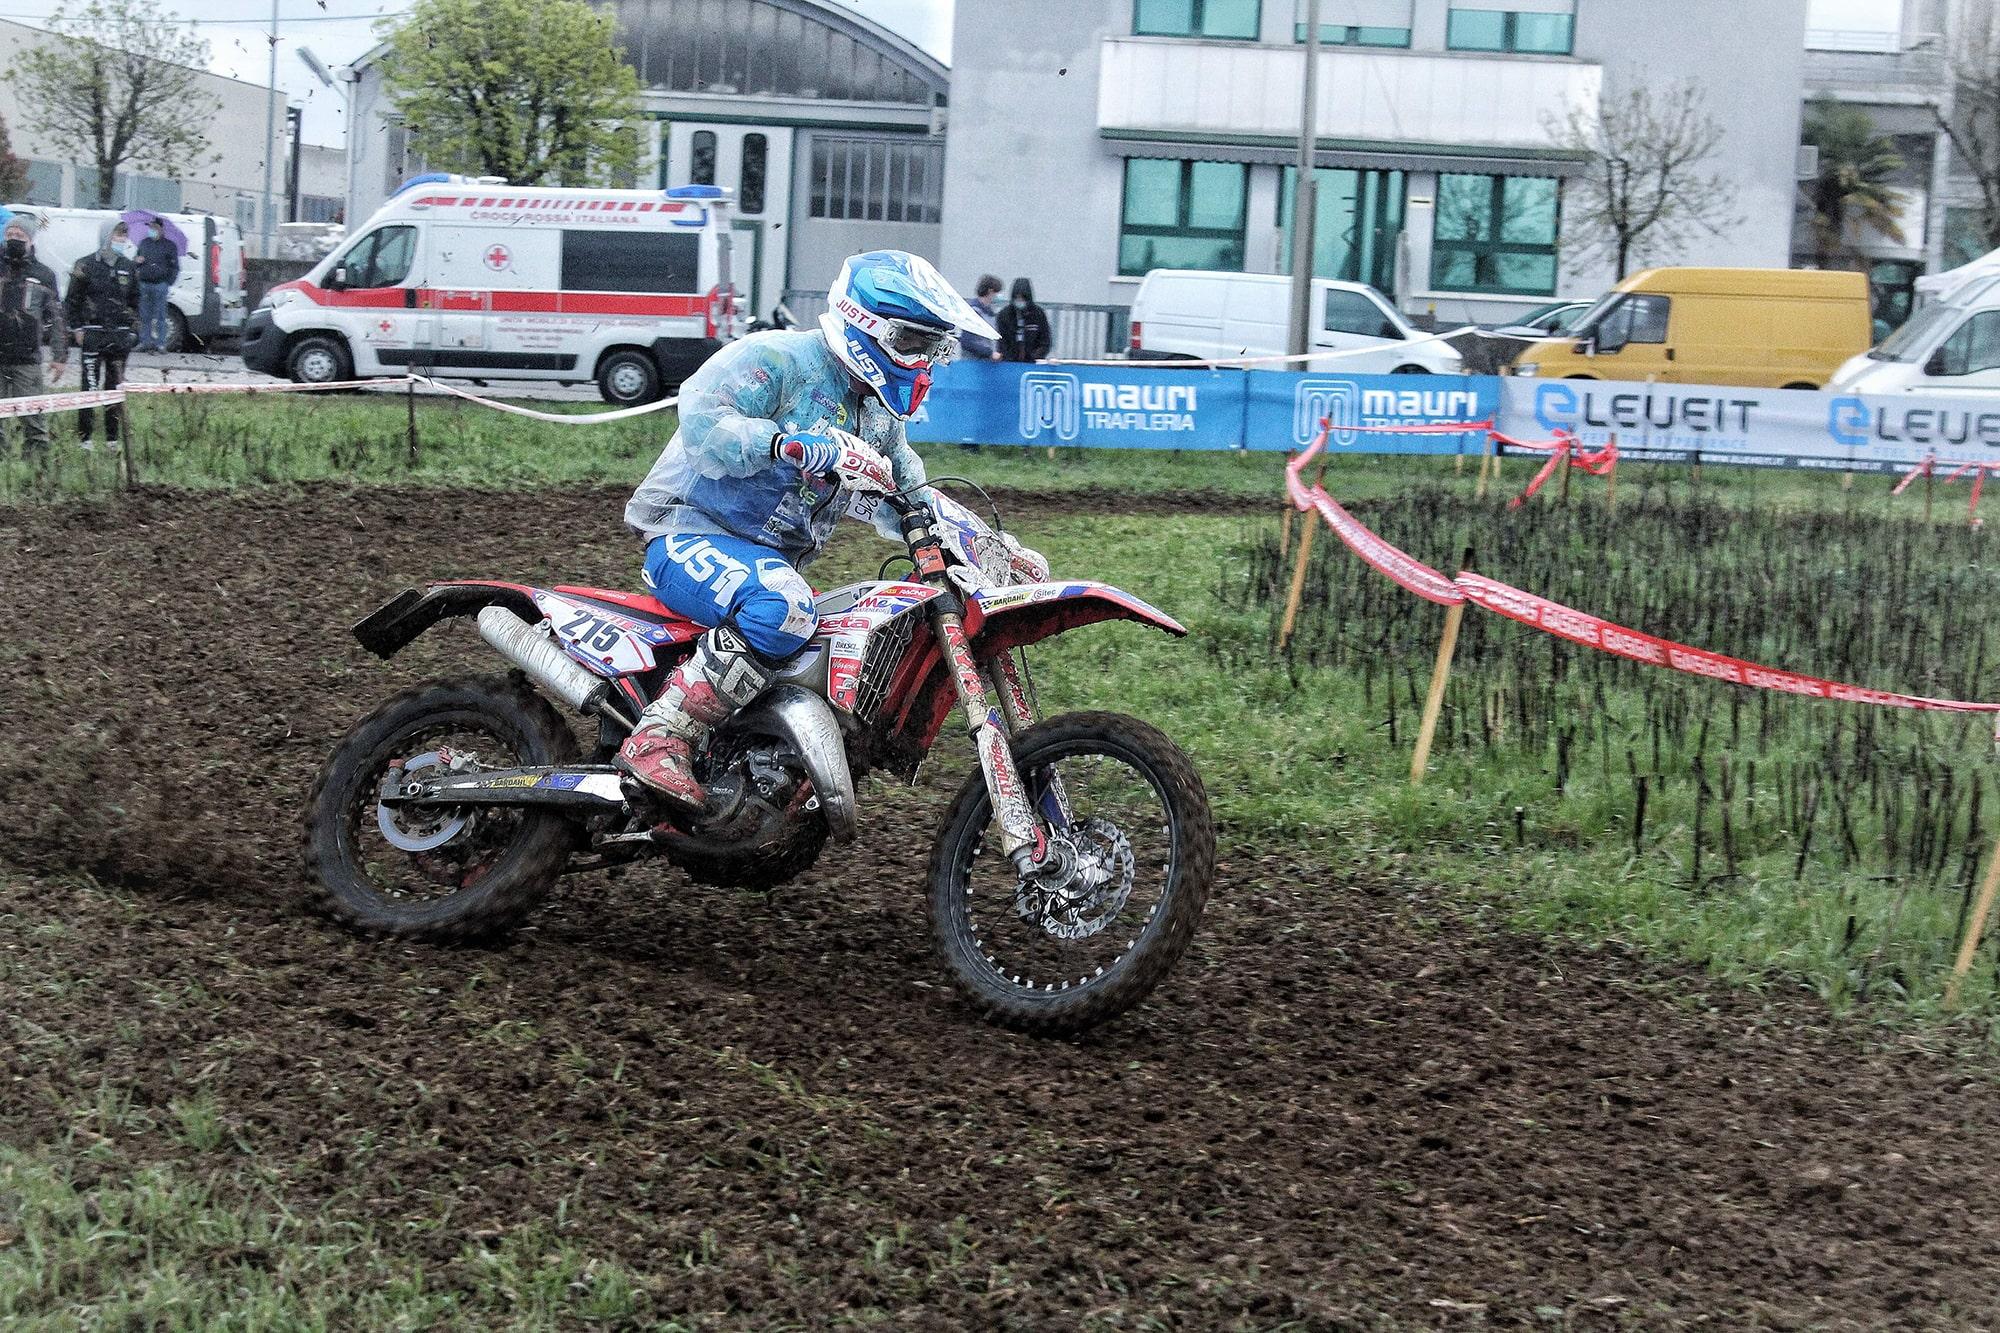 Doppio podio per SGS Racing nella 2a tricolore enduro Under 23/Senior in Friuli